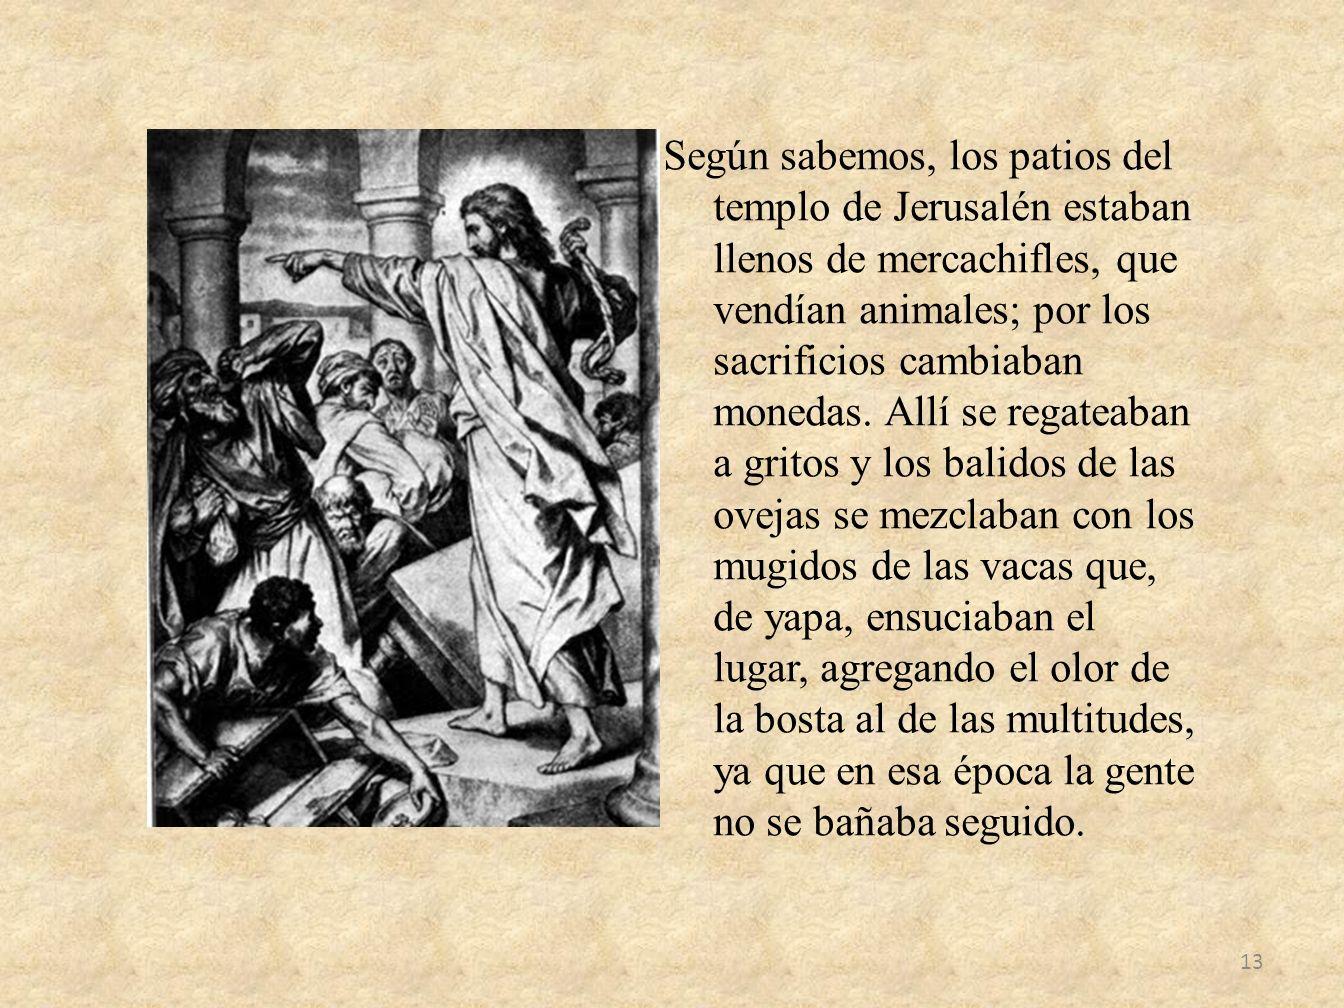 Según sabemos, los patios del templo de Jerusalén estaban llenos de mercachifles, que vendían animales; por los sacrificios cambiaban monedas.